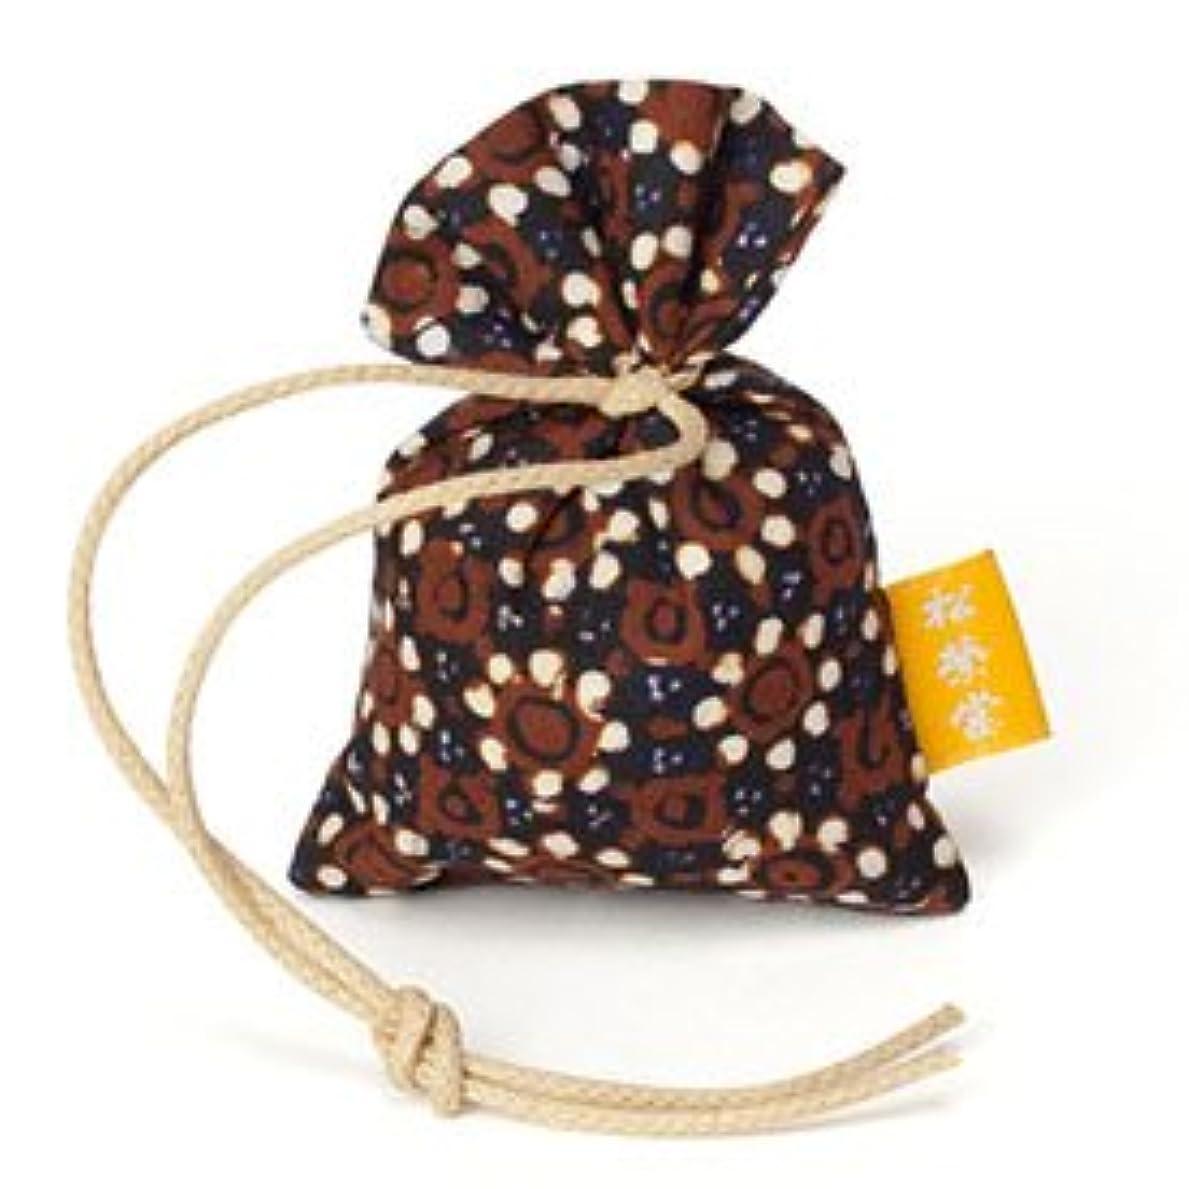 アレイ葉を集めるシーズン匂い袋 誰が袖 渡 バティック わたる 1個入 松栄堂 Shoyeido 本体長さ60mm